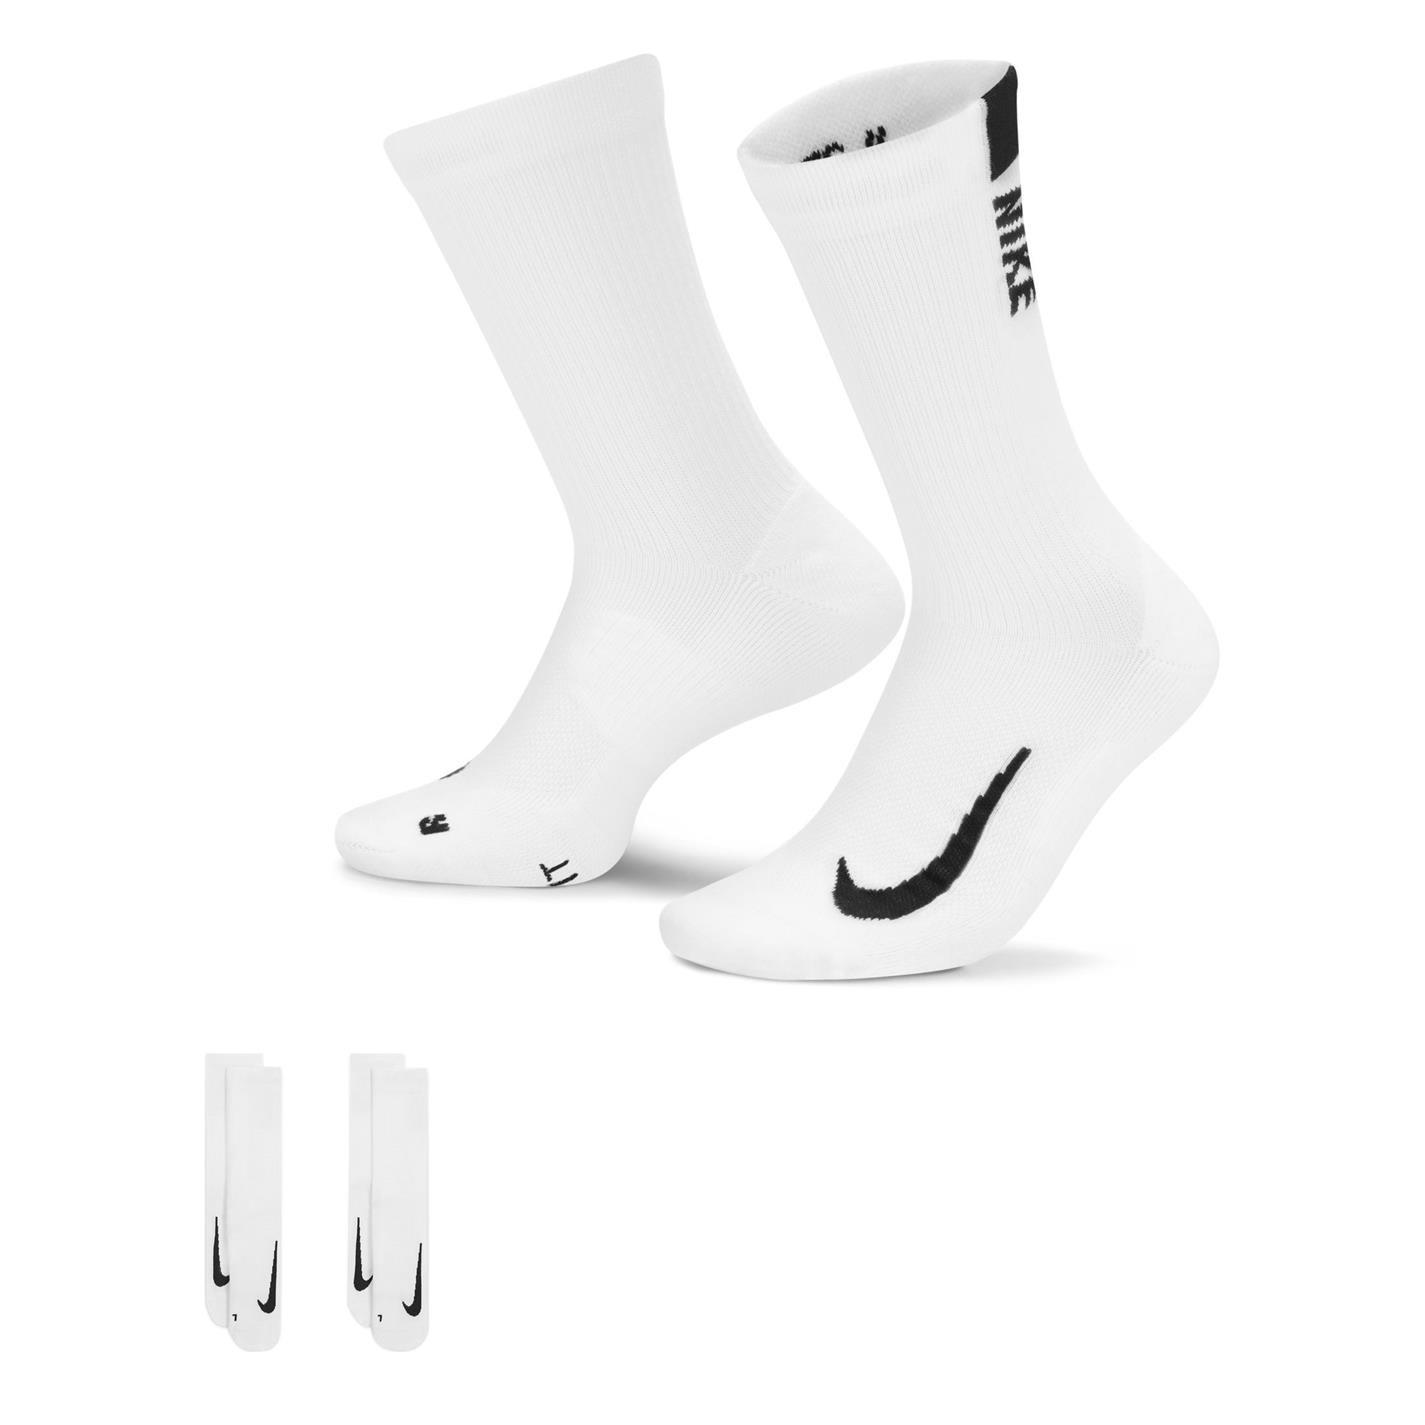 Nike Multiplier Crew Running Socks Unisex Adults White/Black